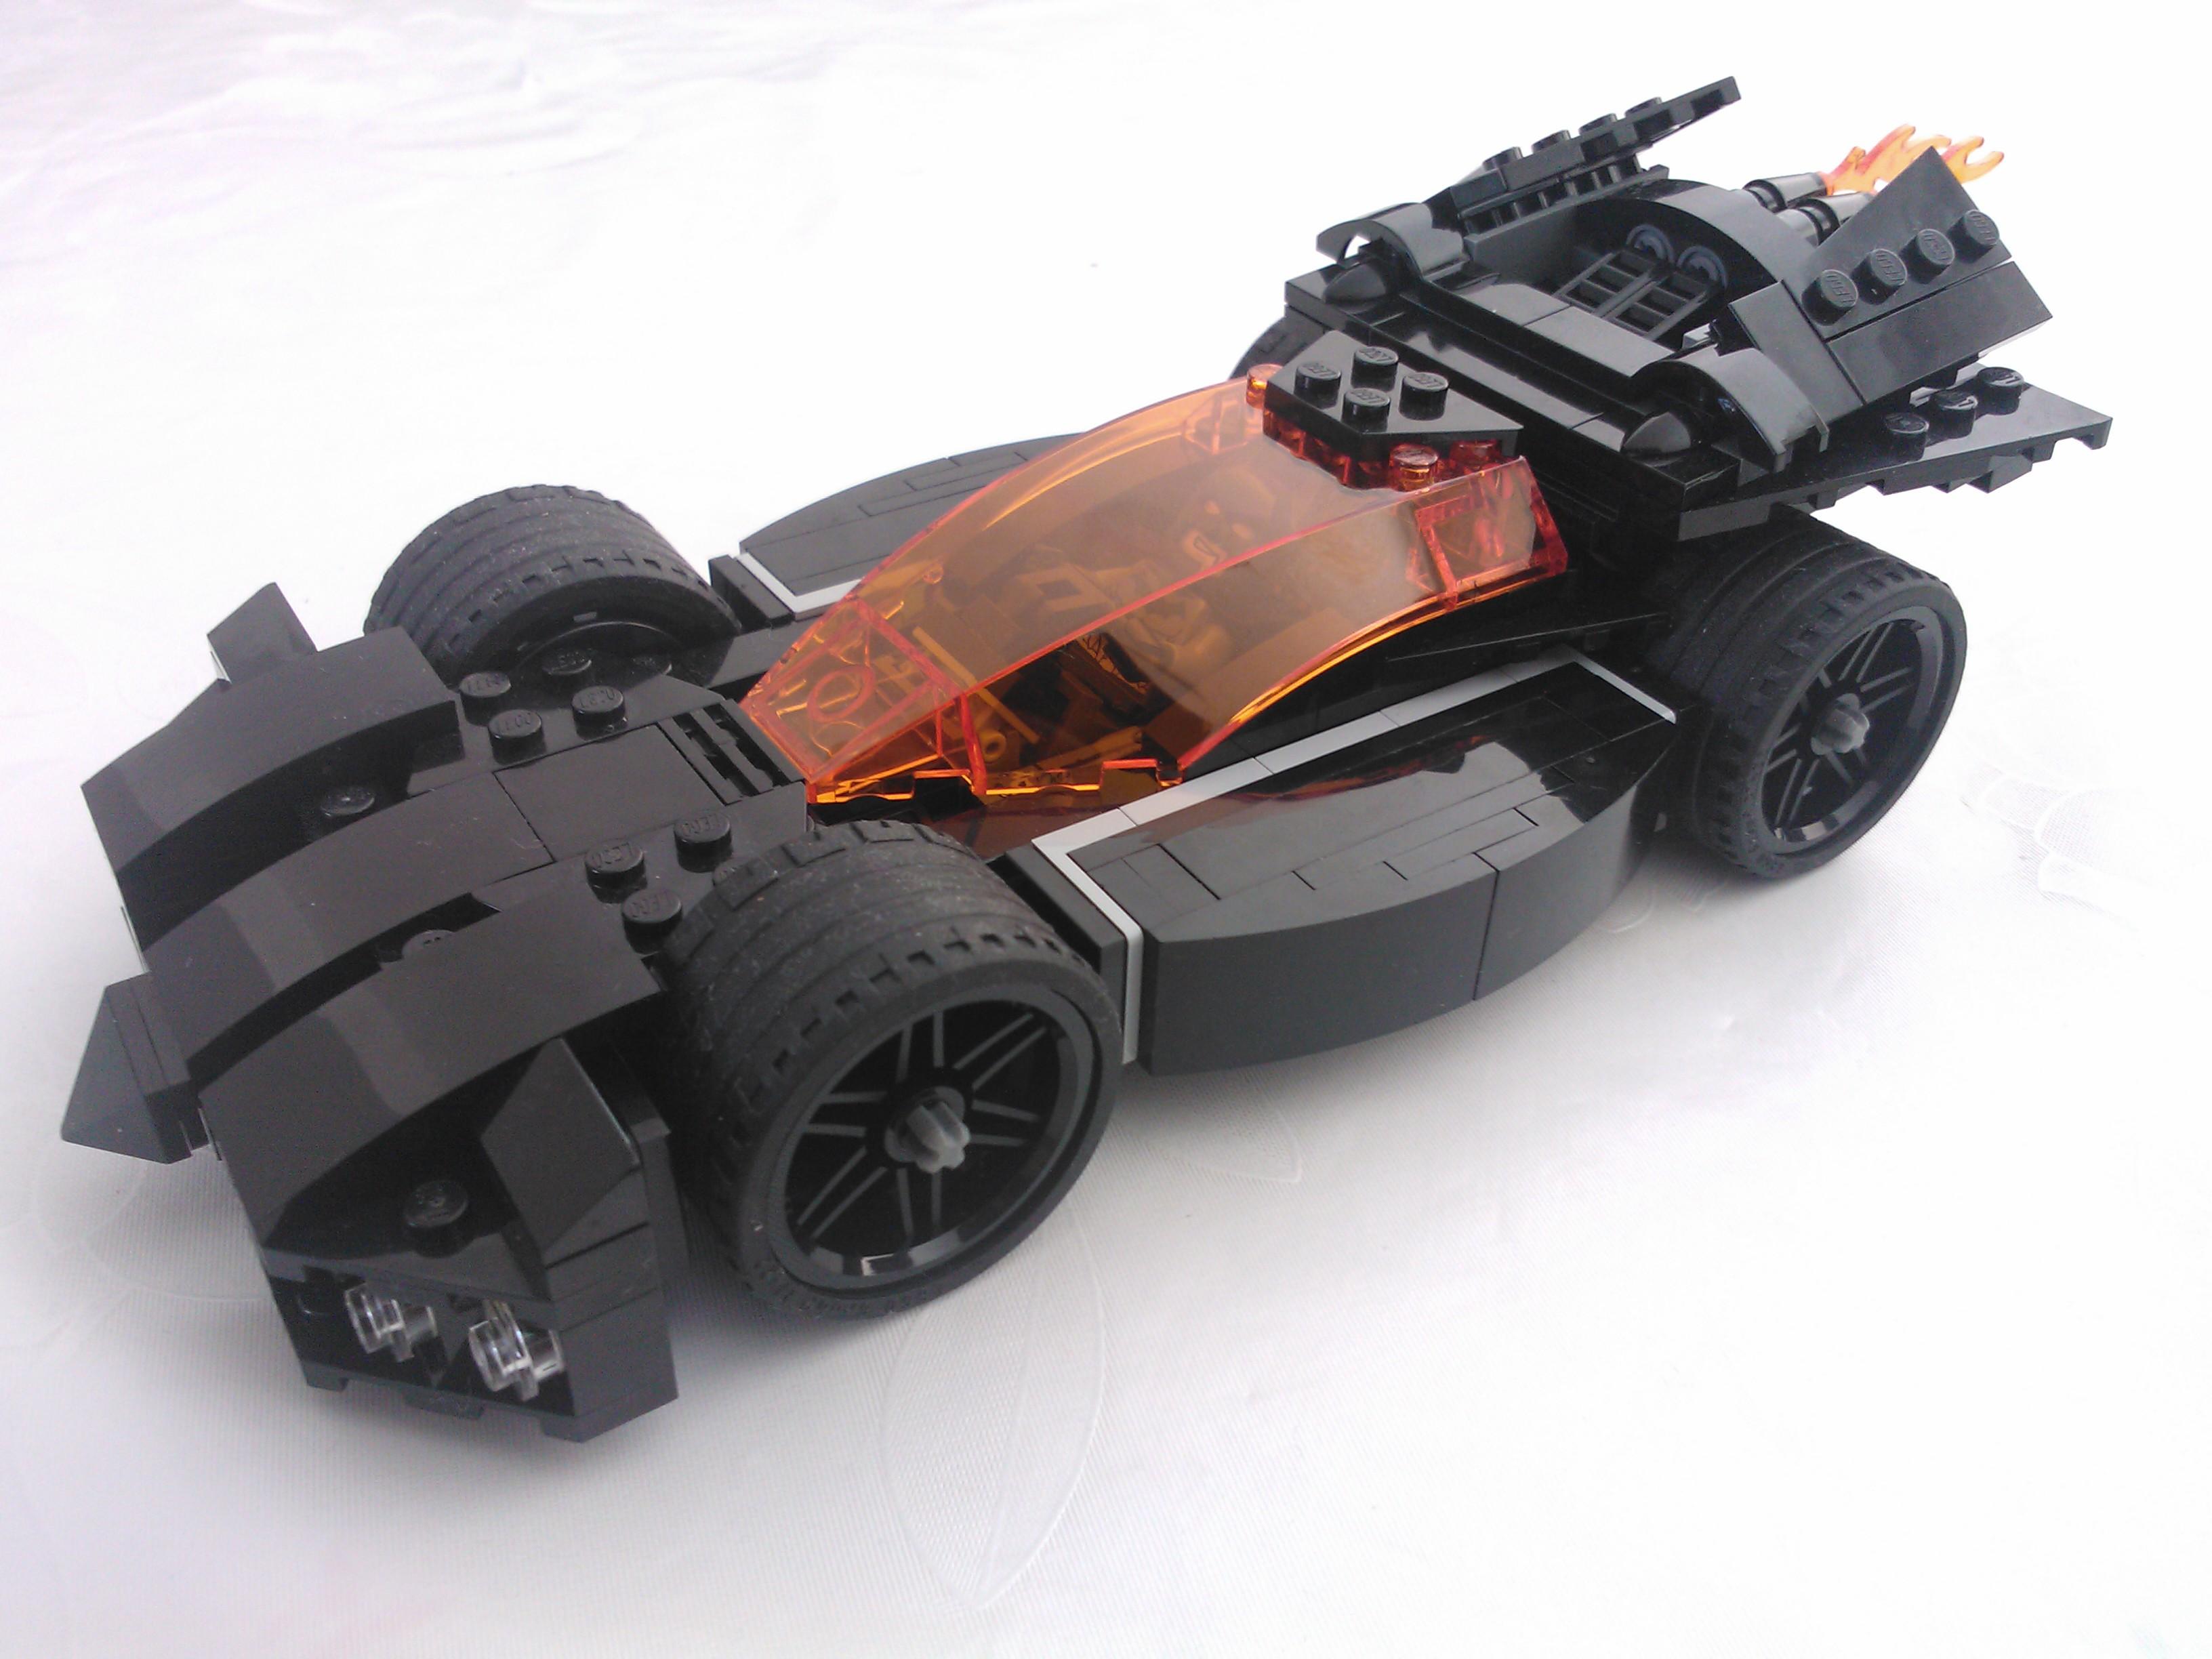 wallpaper batman lego batmobile toy machine comics. Black Bedroom Furniture Sets. Home Design Ideas